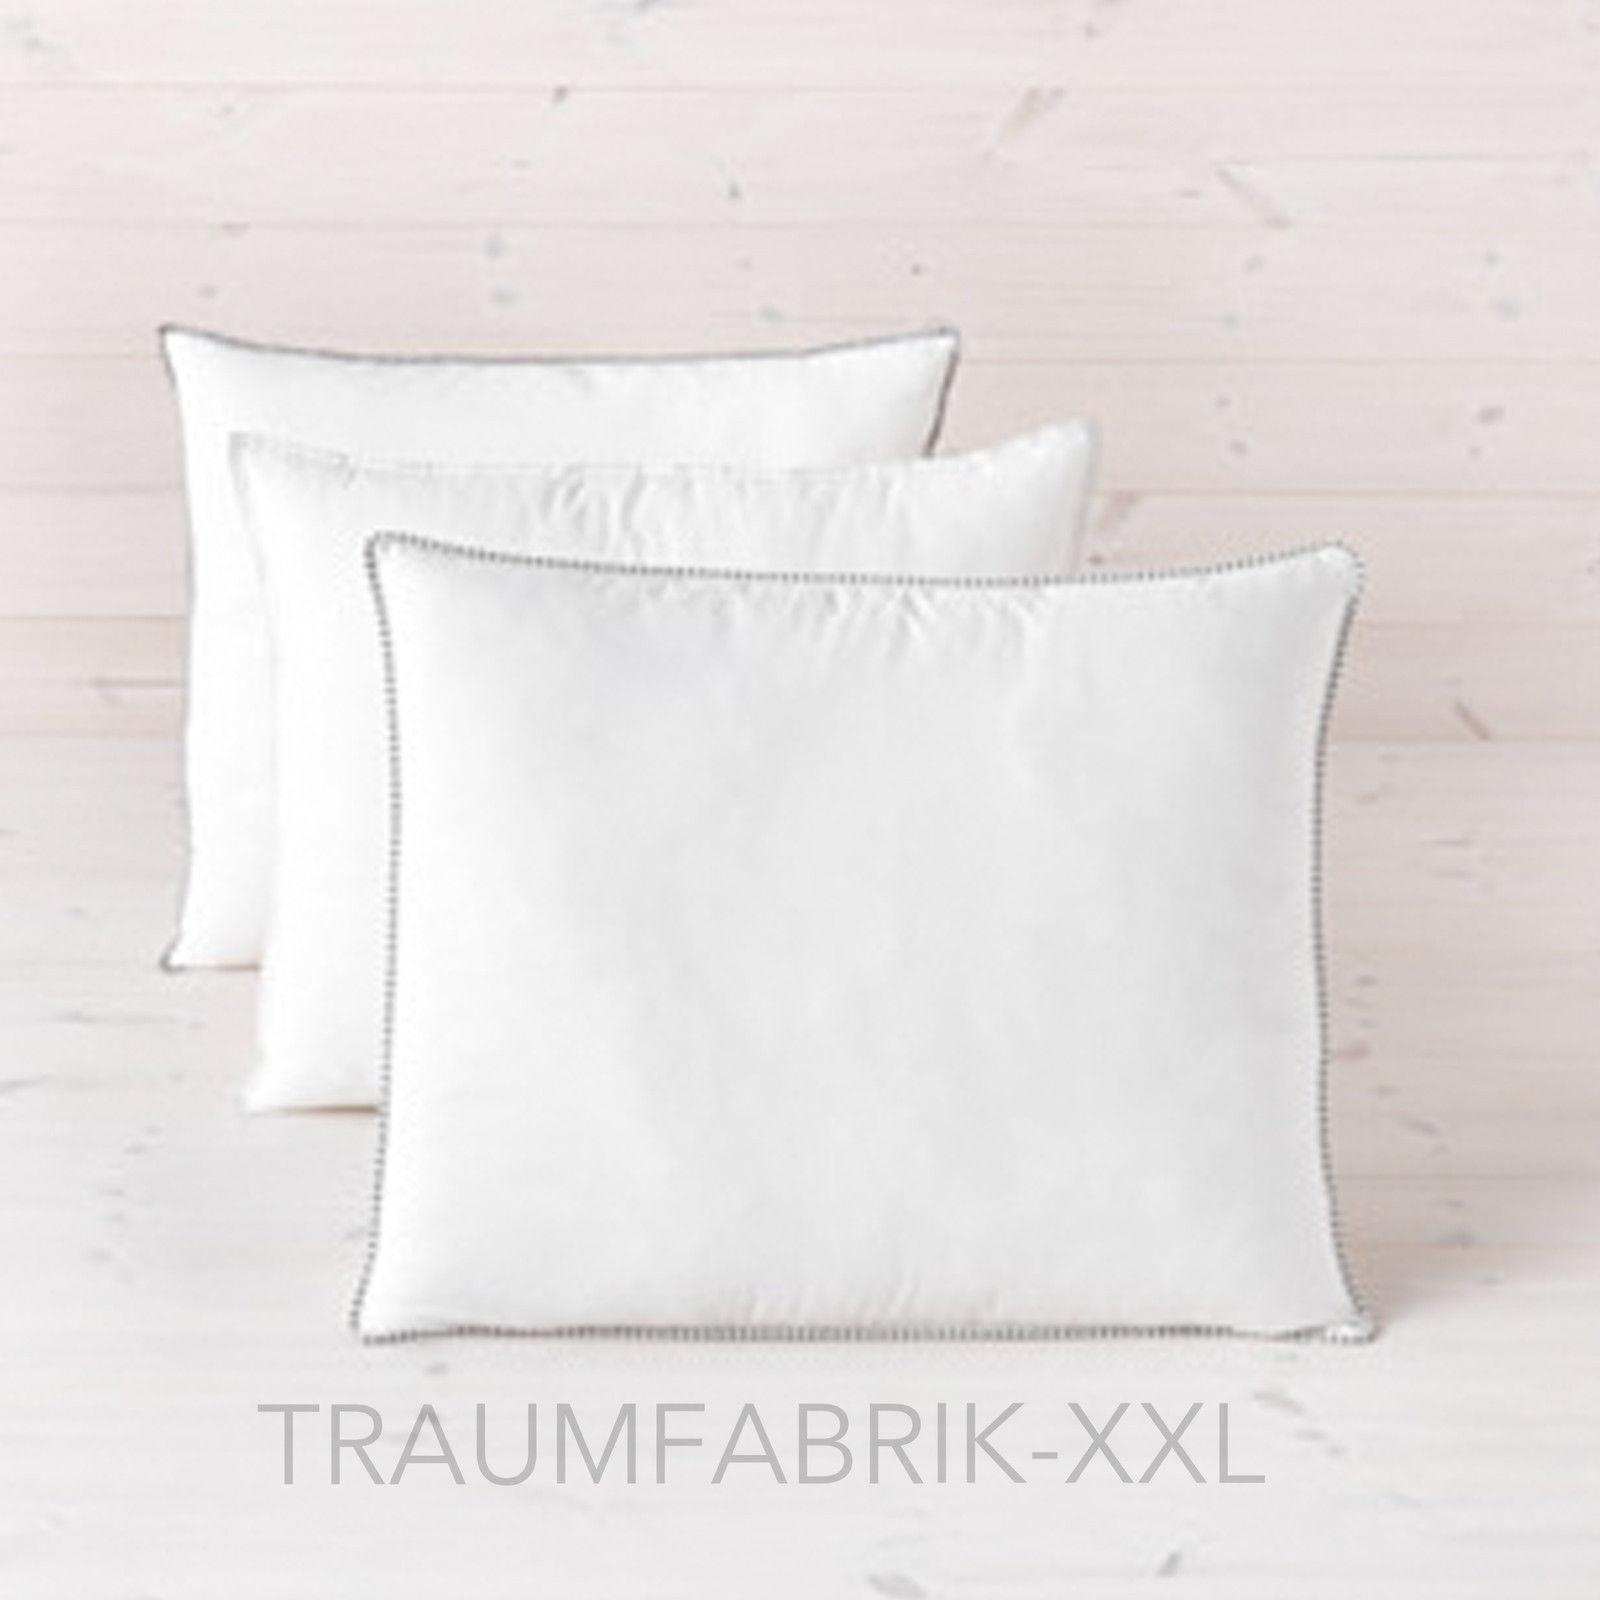 ikea axag kopfkissen 80 80 cm fest kissen schlafzimmer ruhekissen inlett neu ovp traumfabrik xxl. Black Bedroom Furniture Sets. Home Design Ideas